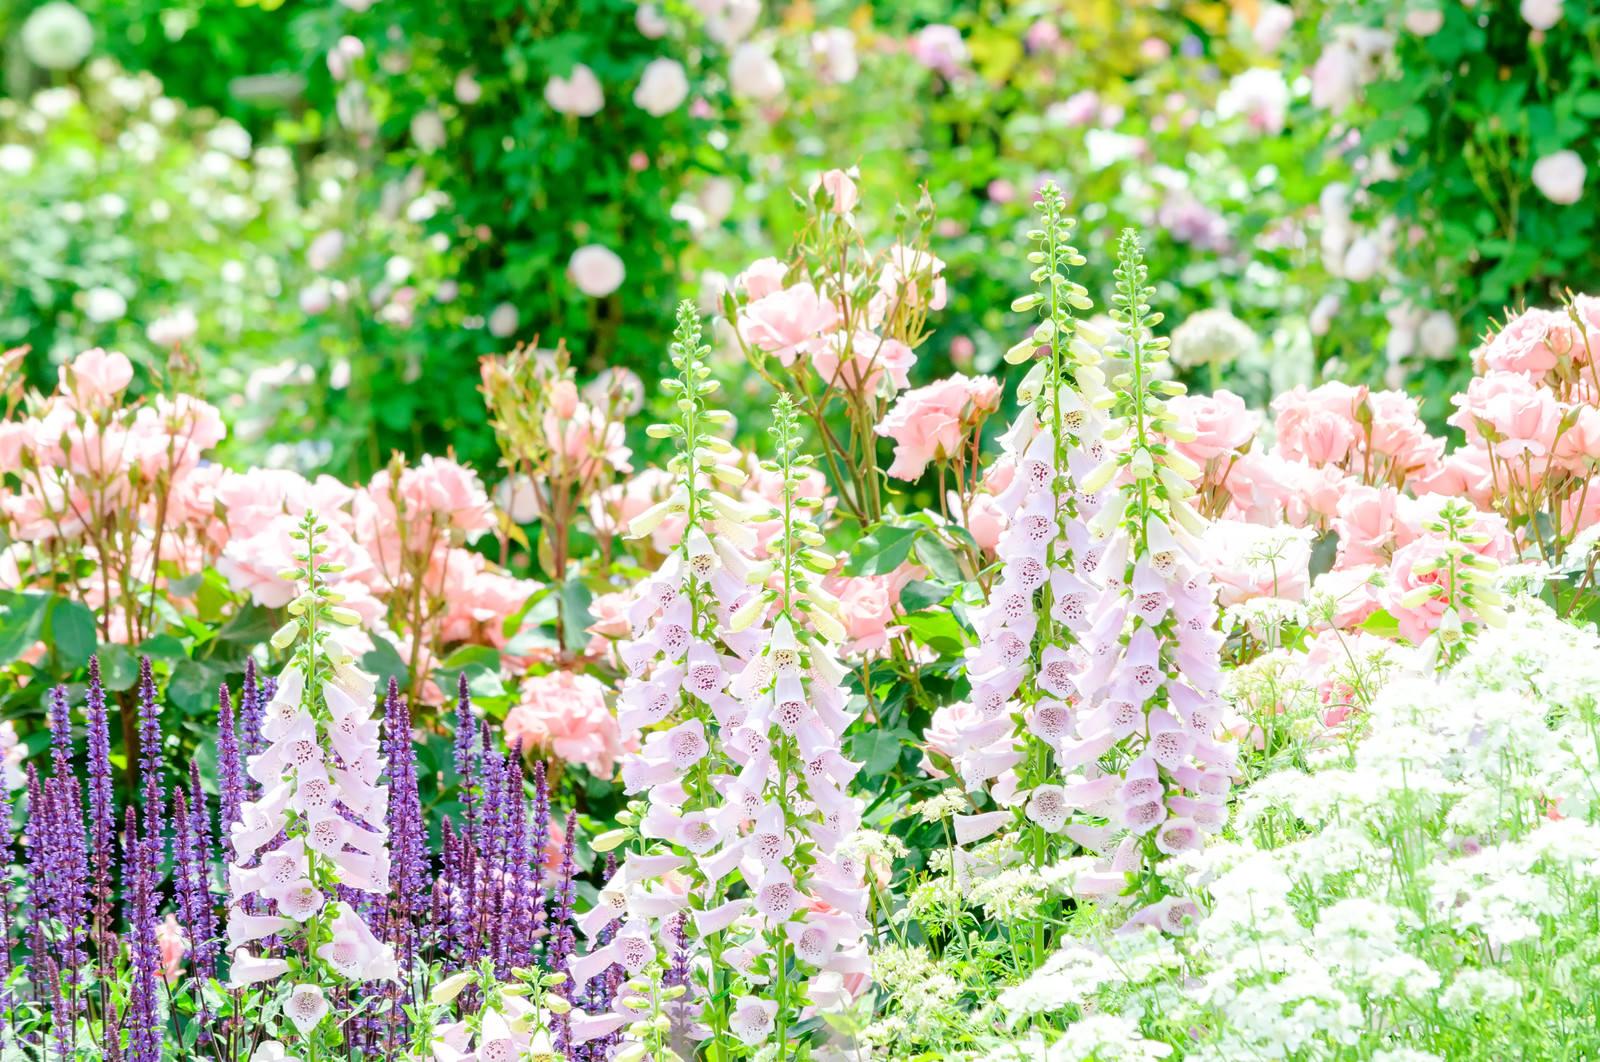 「初夏の庭園」の写真